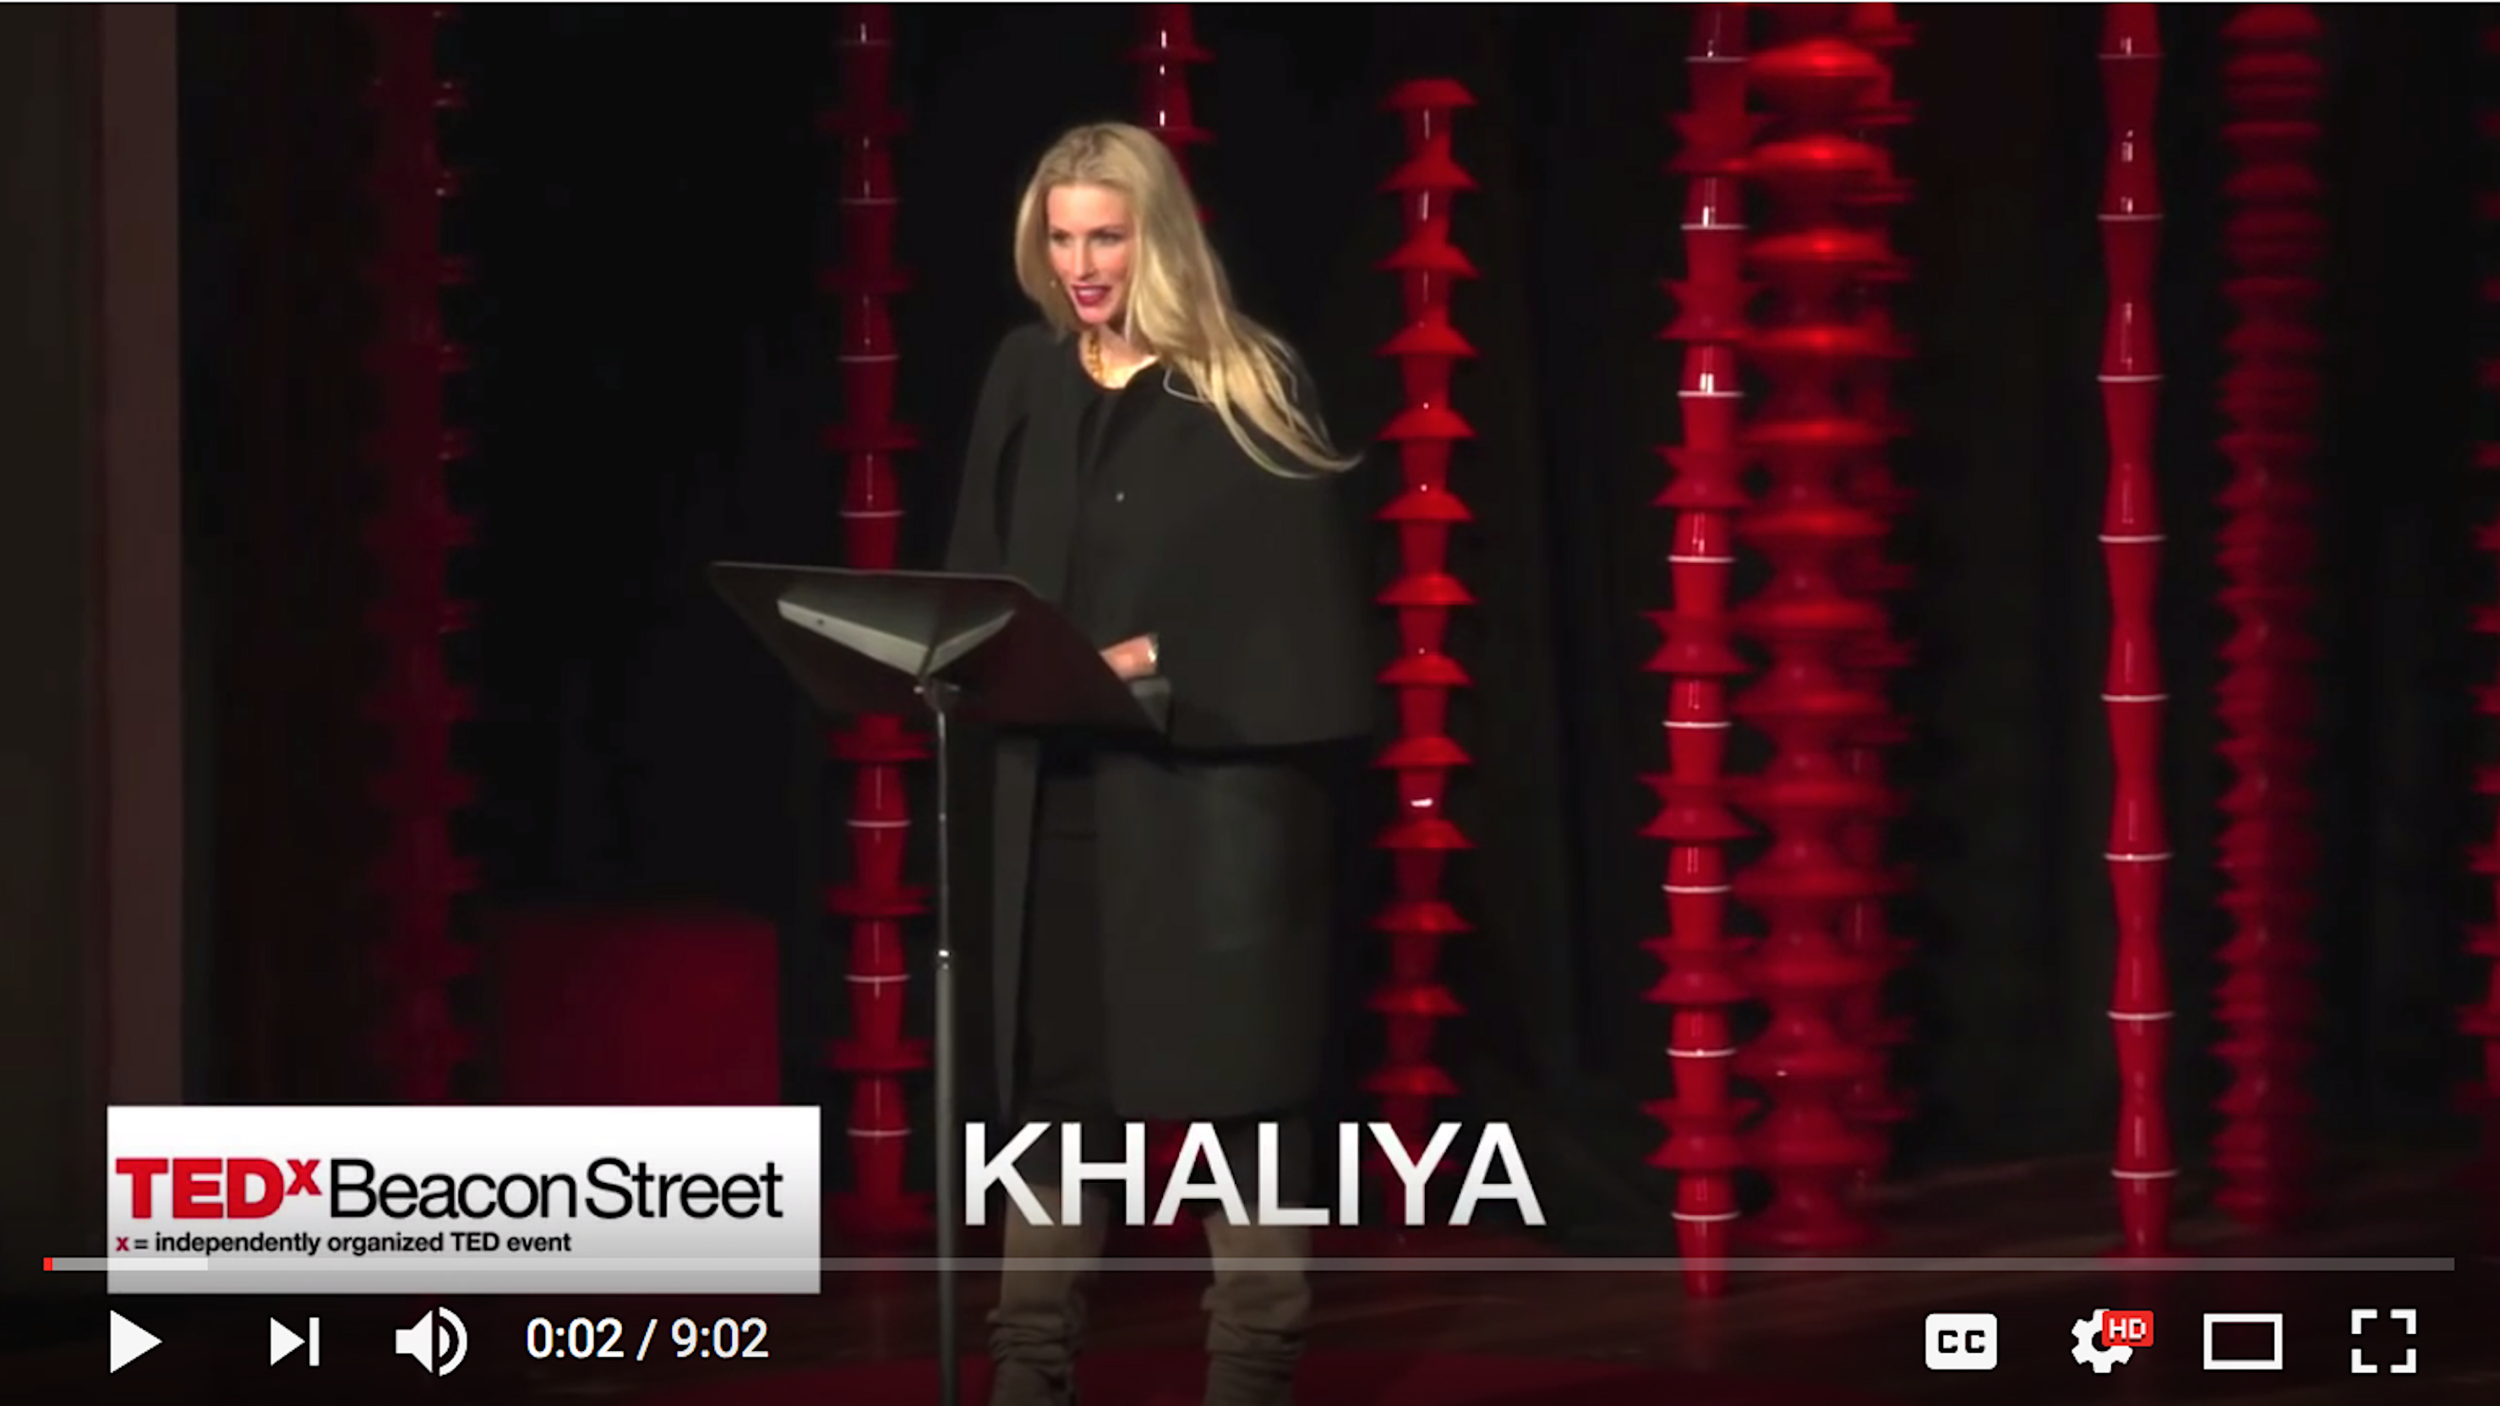 Khaliya_TEDxBeaconStreet .png